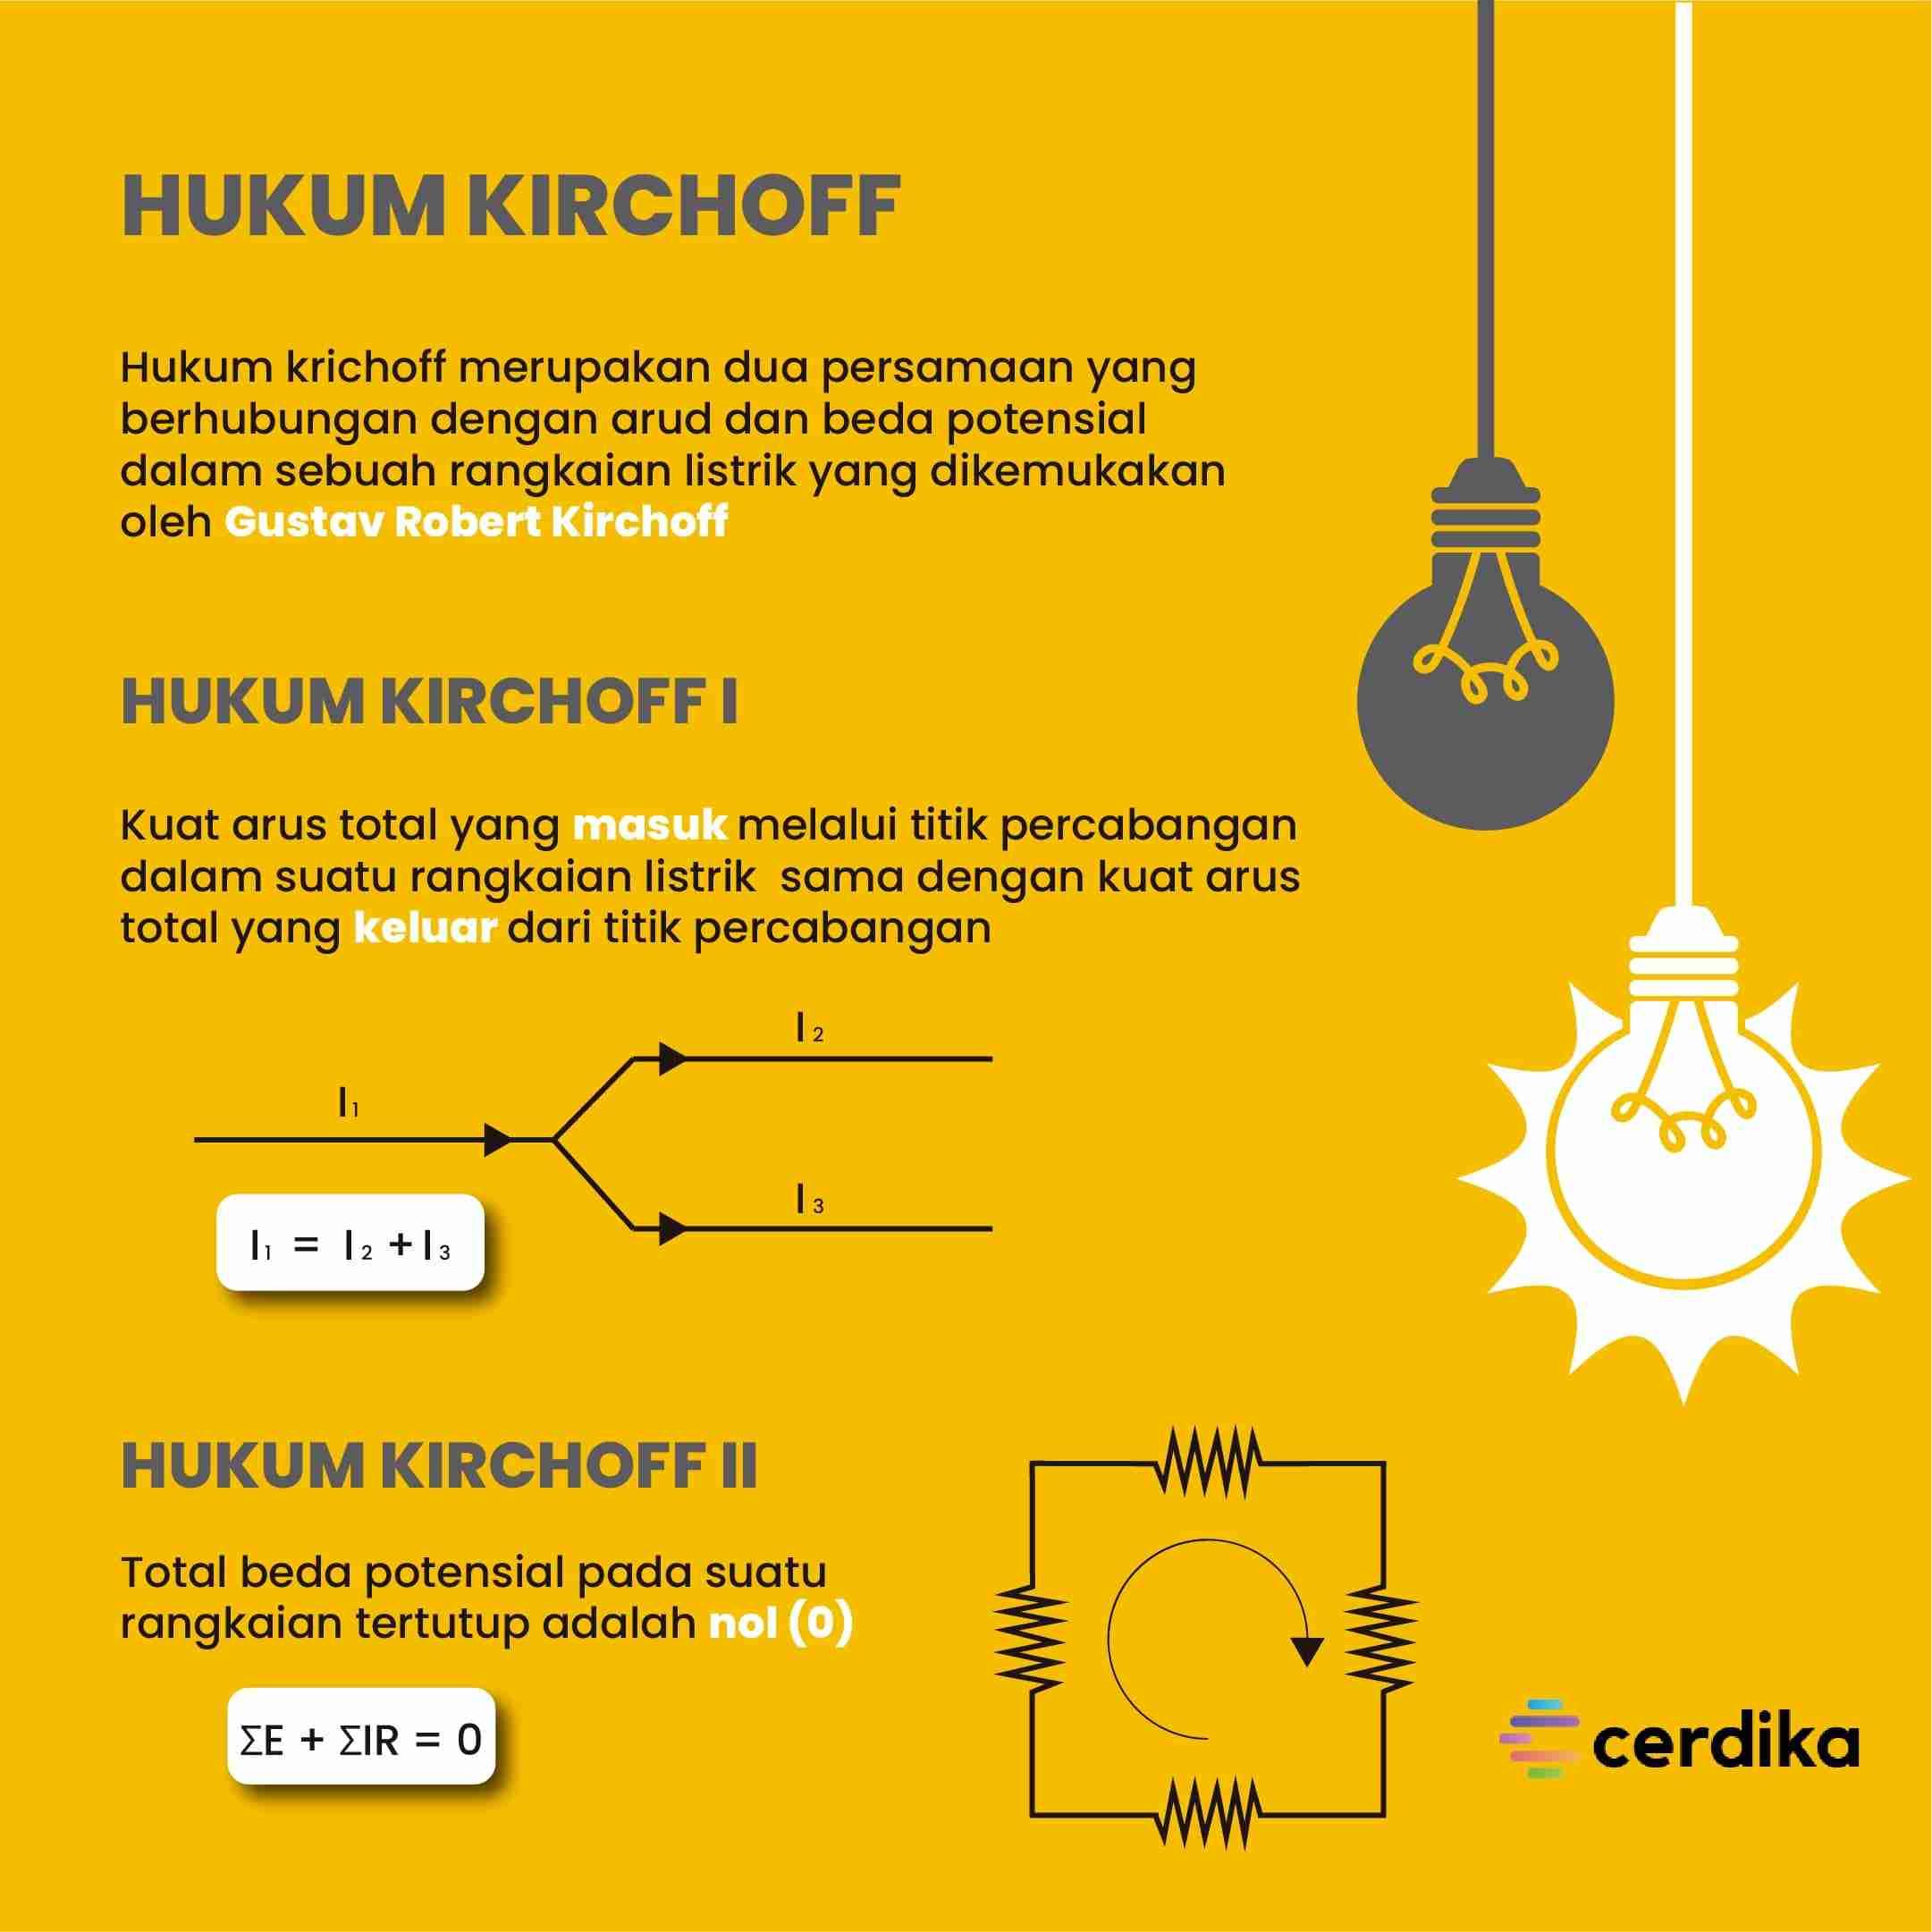 infografis hukum kirchoff